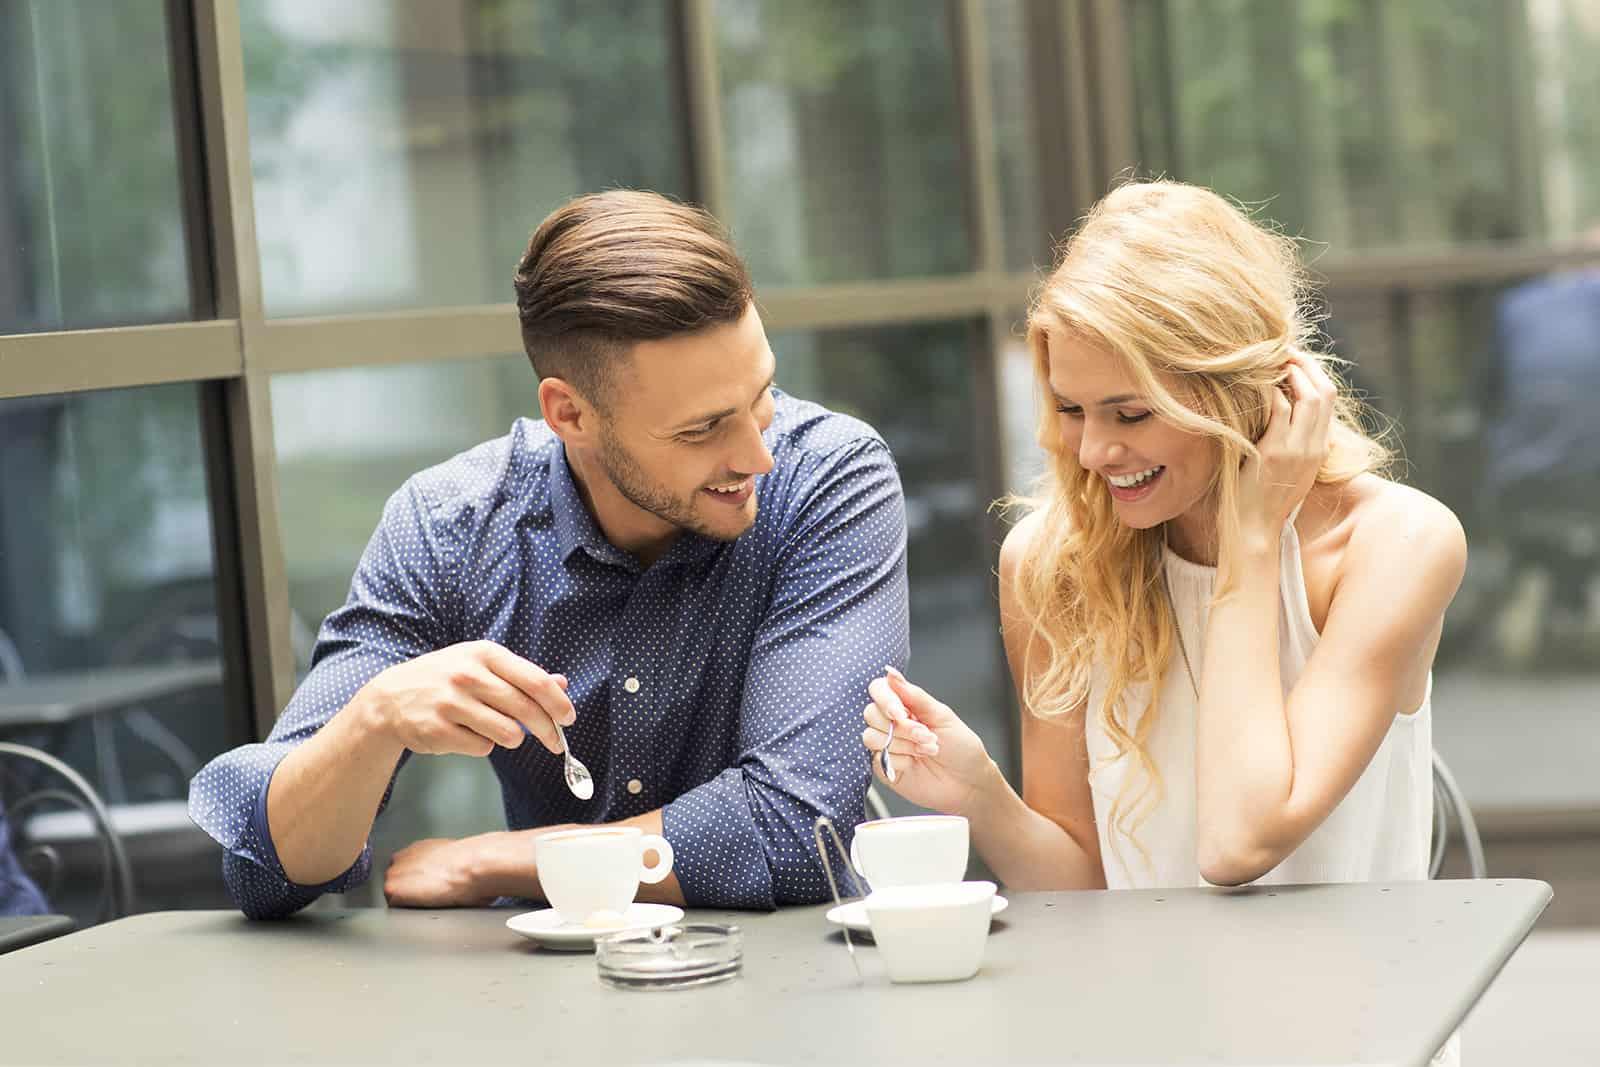 ein fröhliches Paar, das bei einem Date im Café sitzt